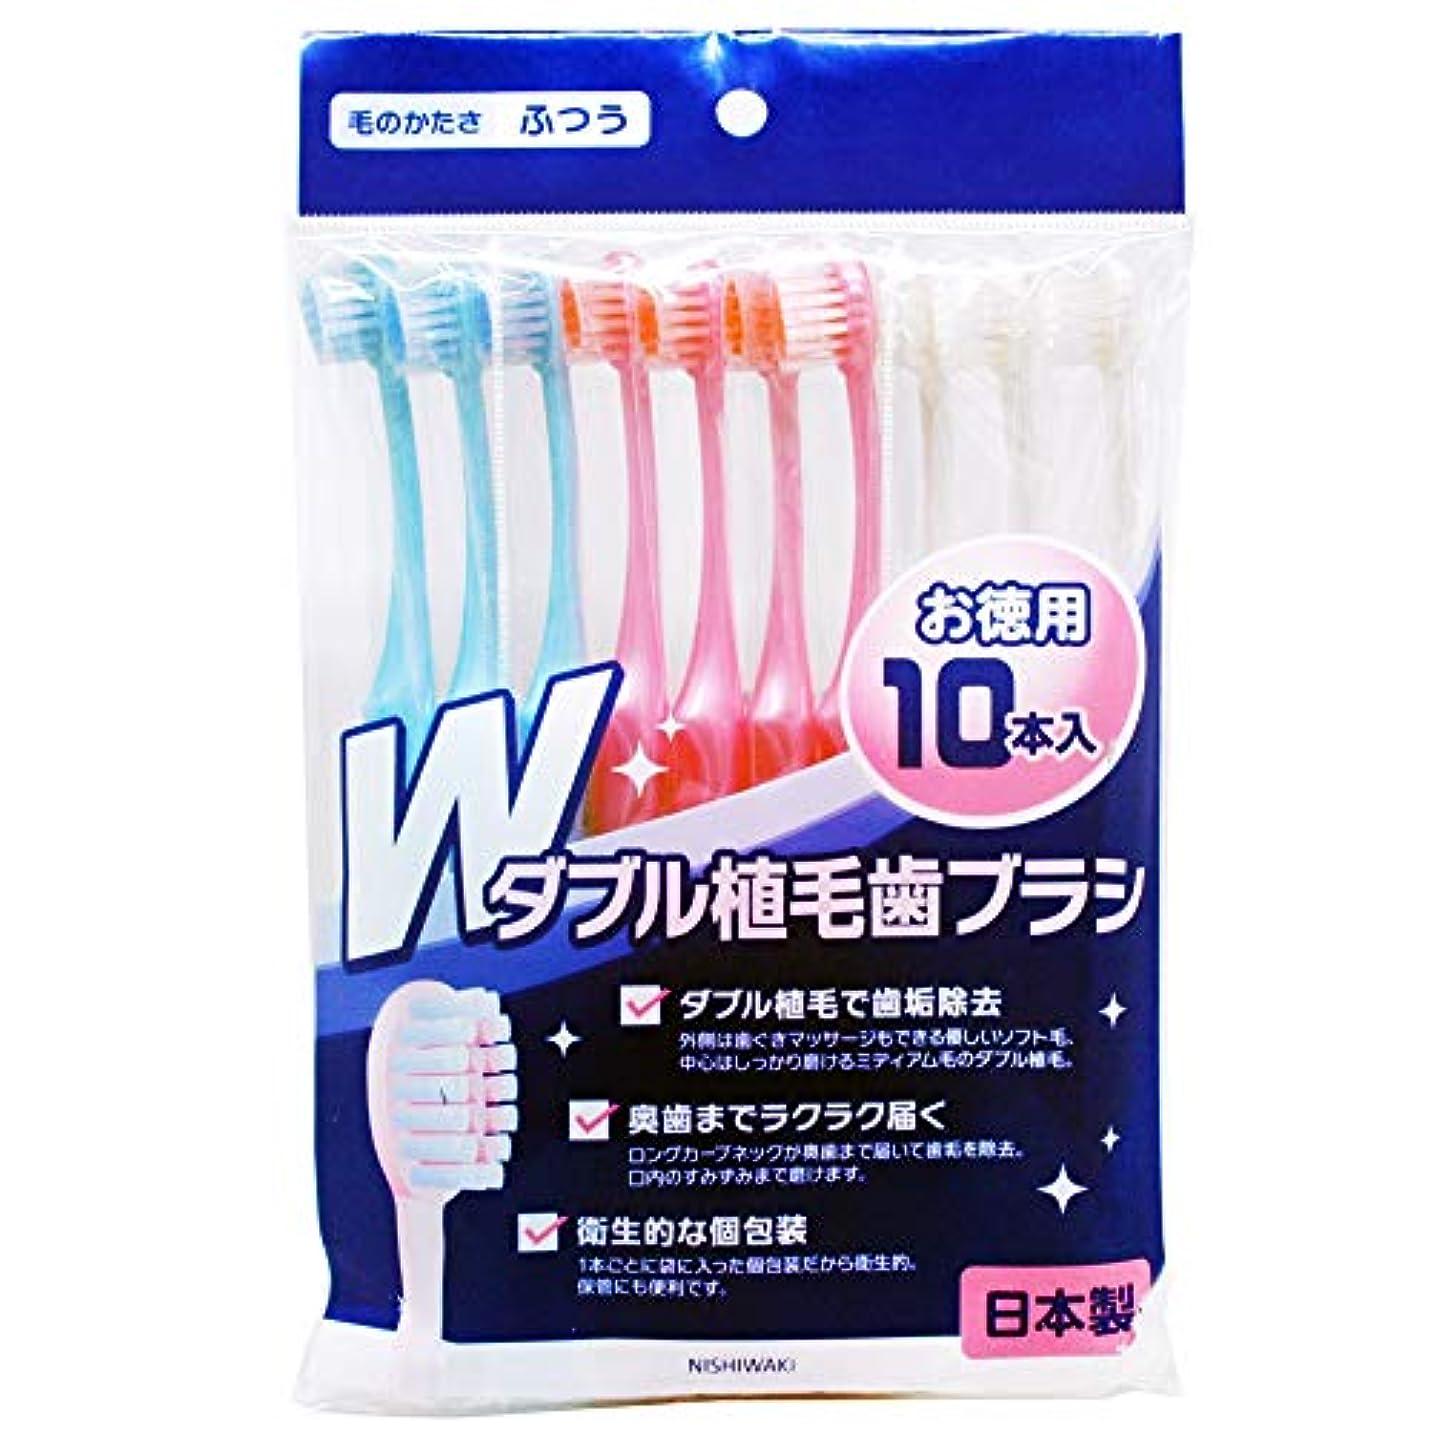 想像力薄める交じる歯ブラシ 日本製 10本セット「外側やわらか植毛歯ブラシ」